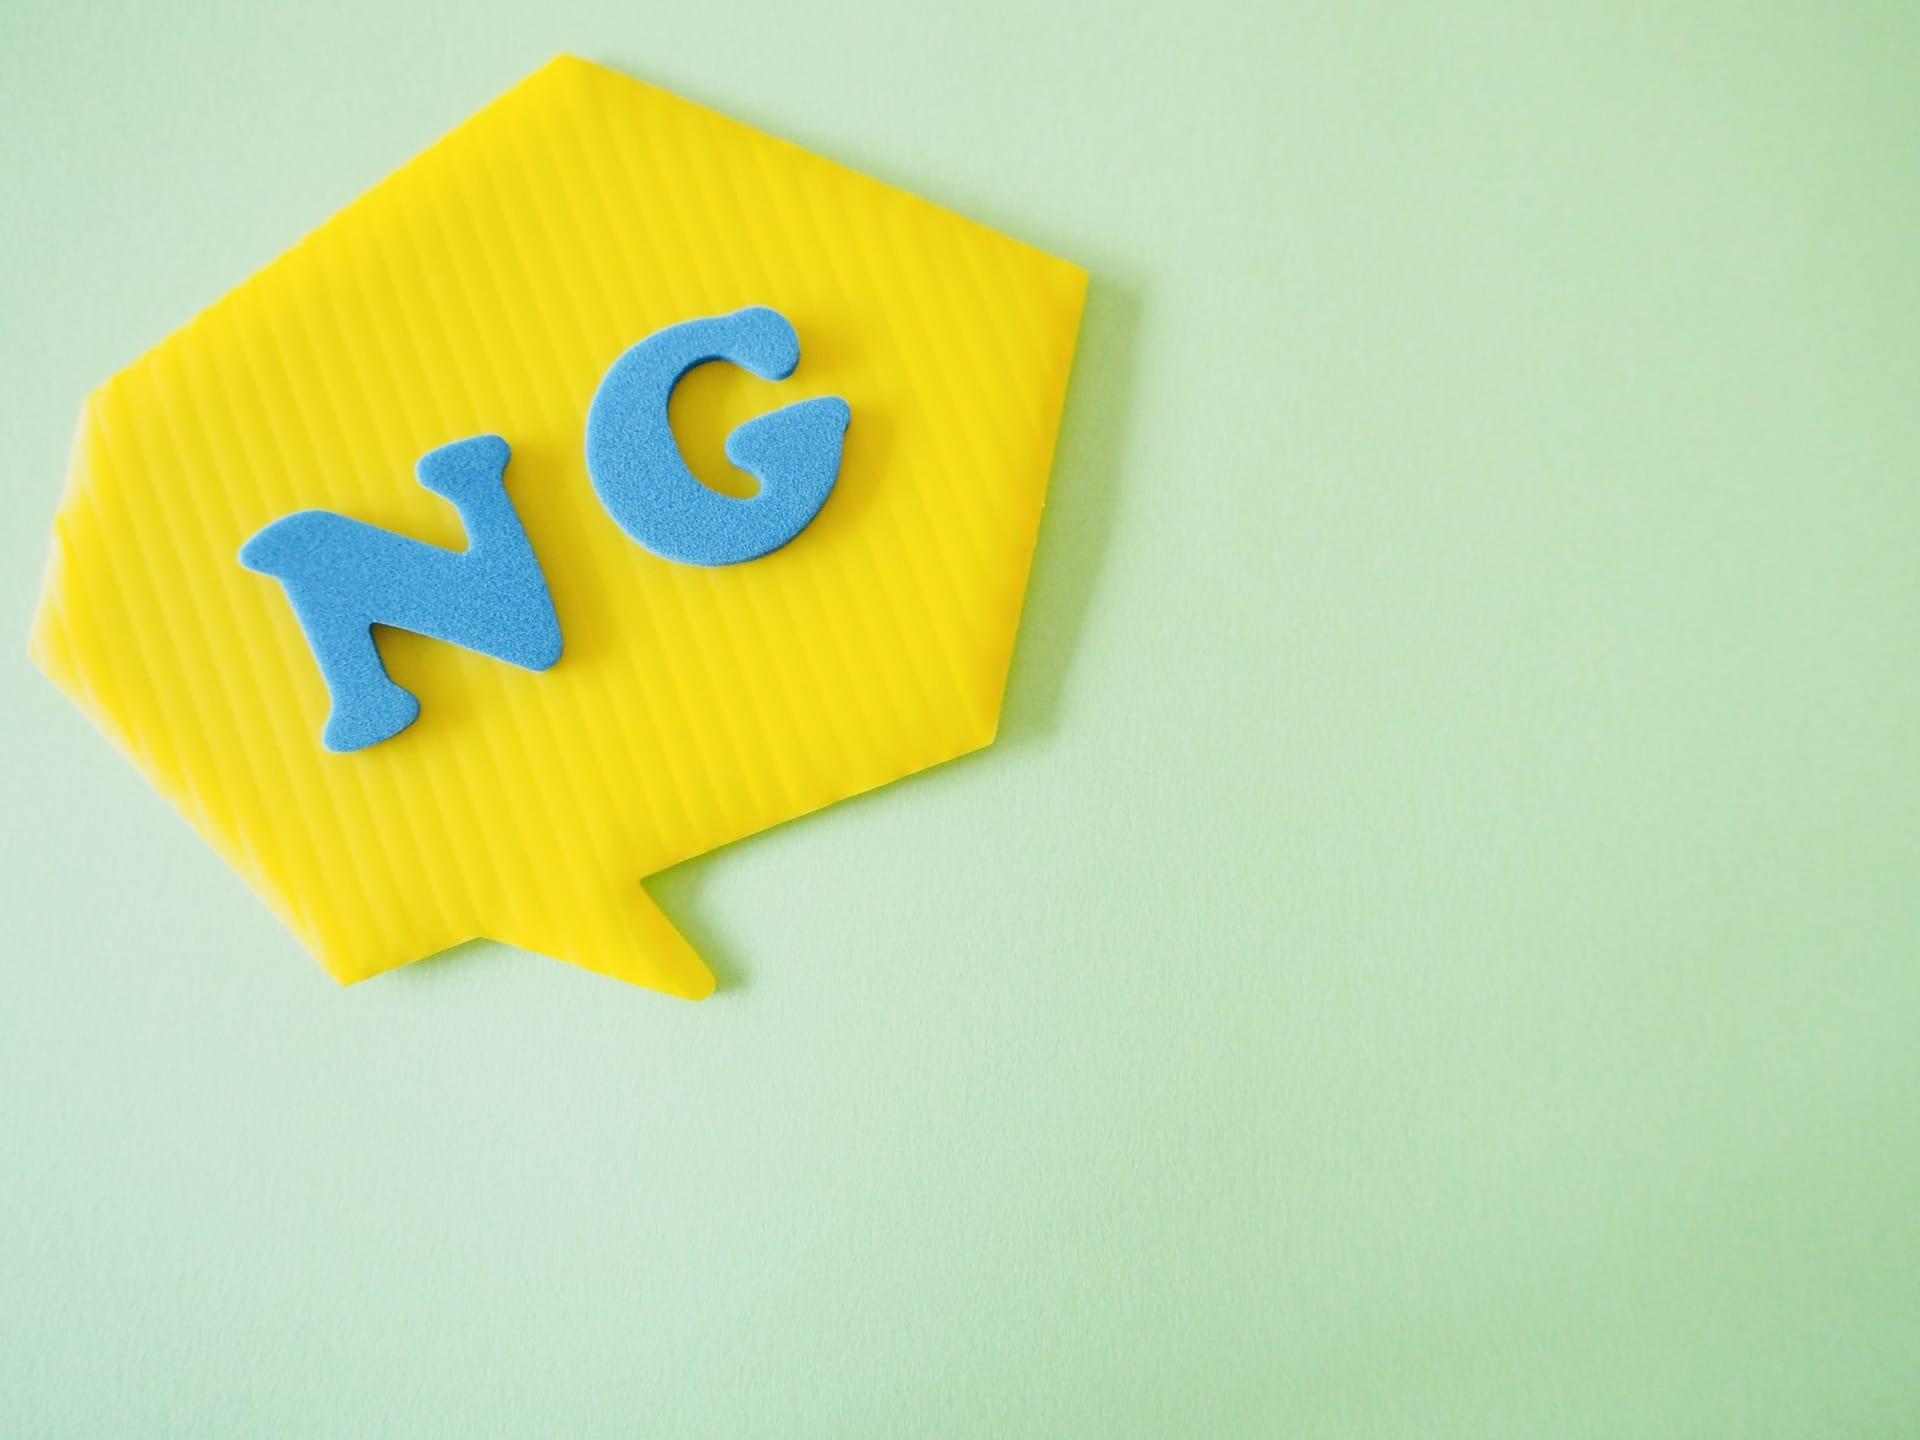 NGの文字、吹き出し